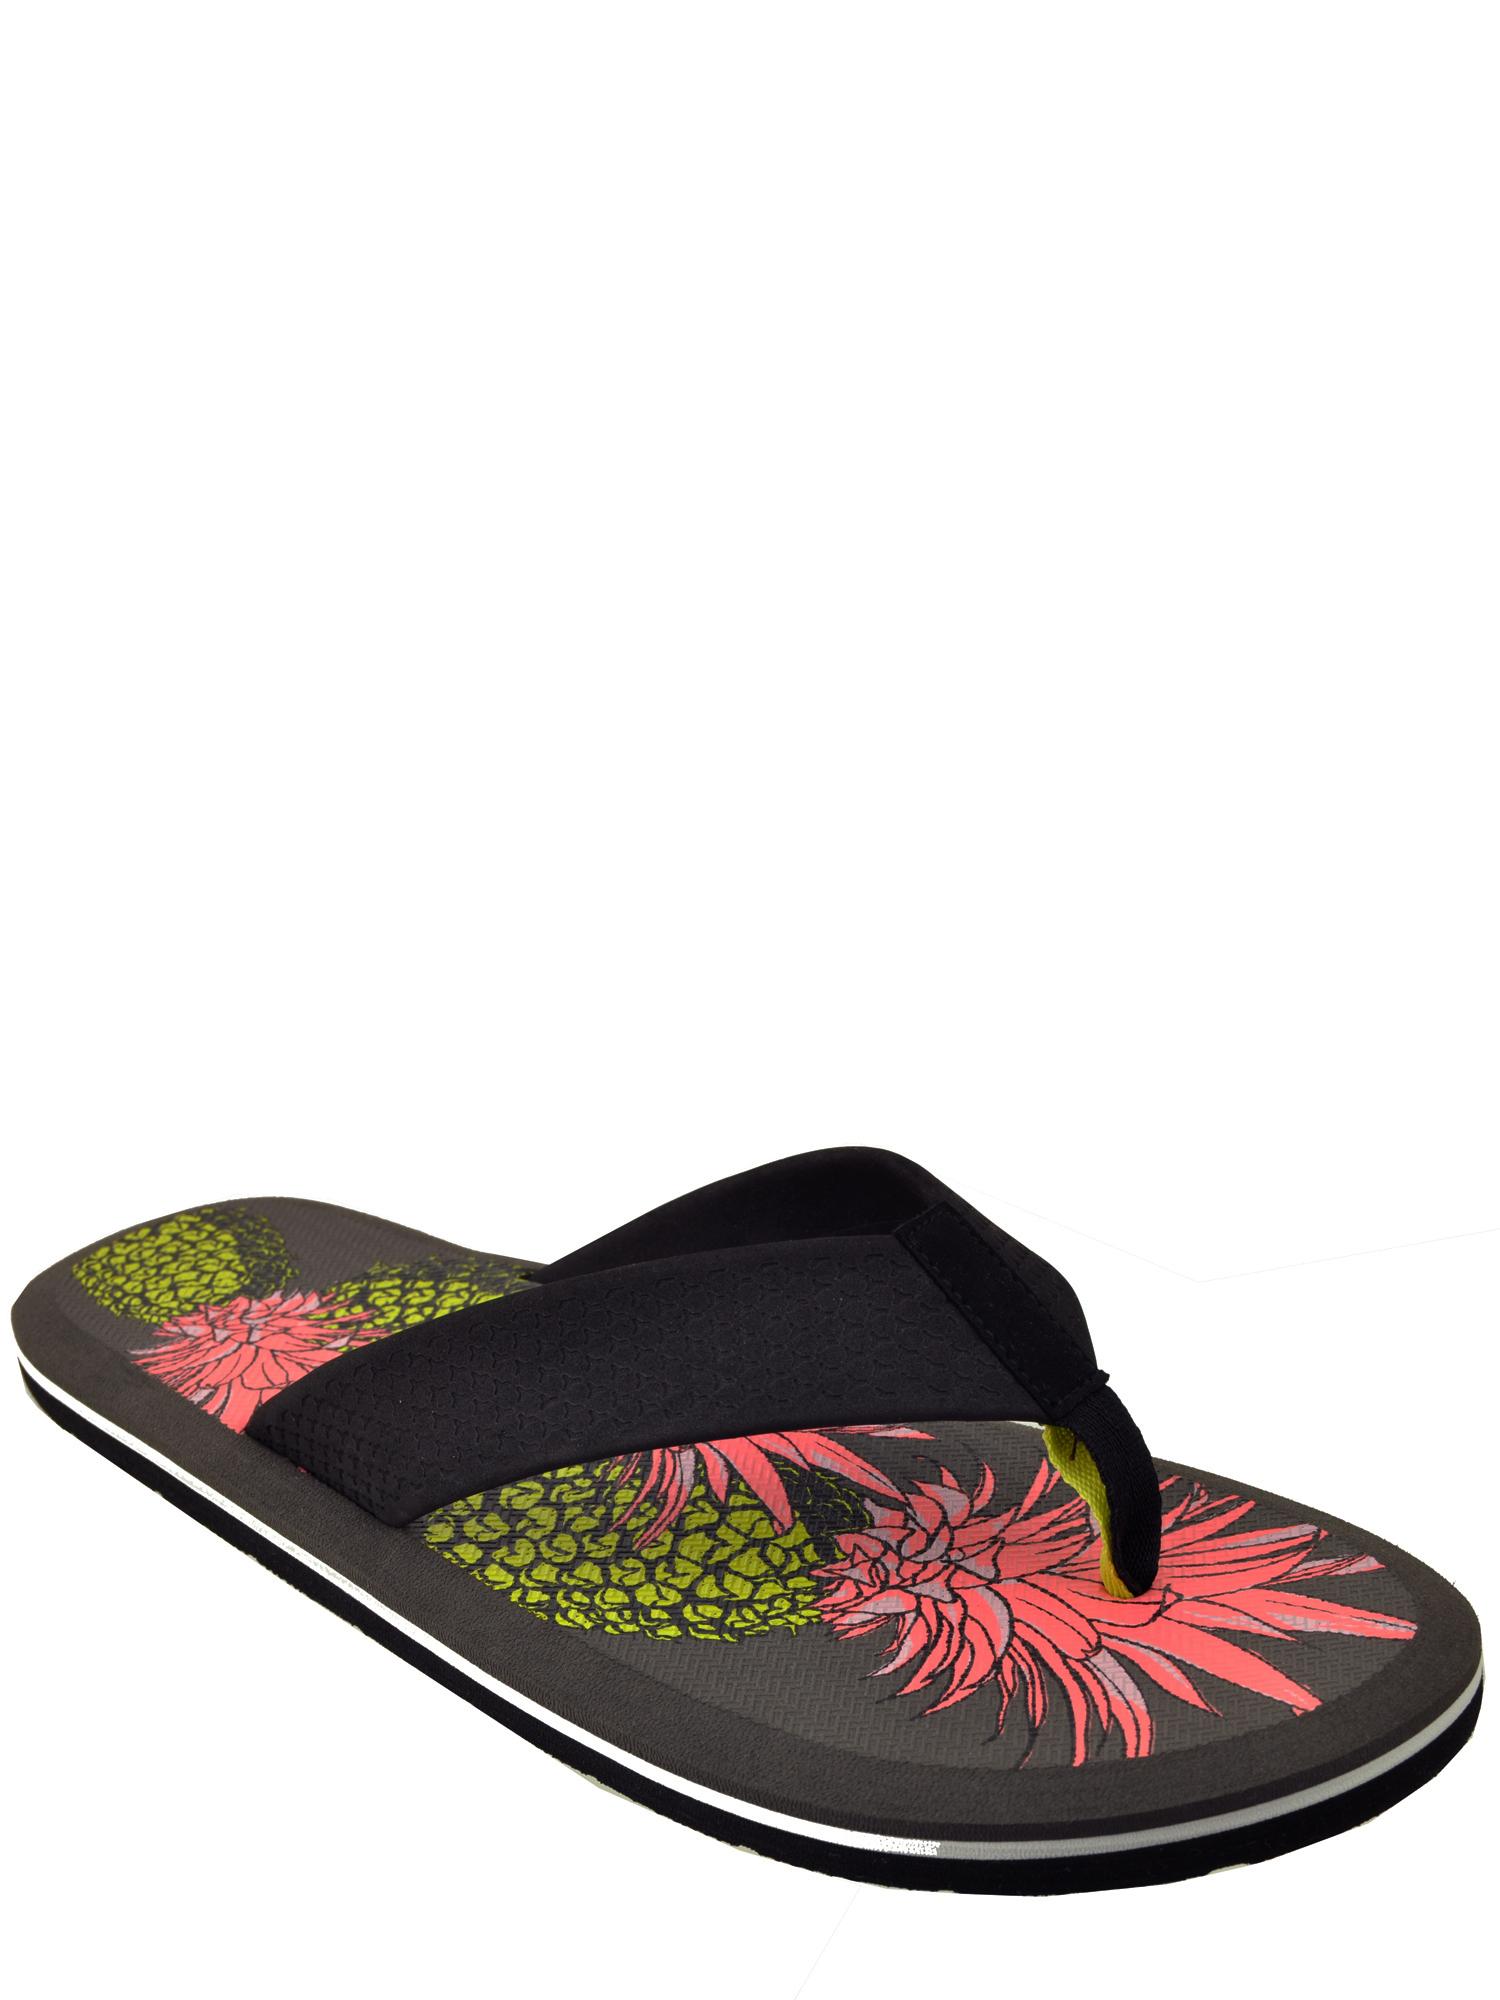 Men's George Beach Flip Flop Comfort Sandals